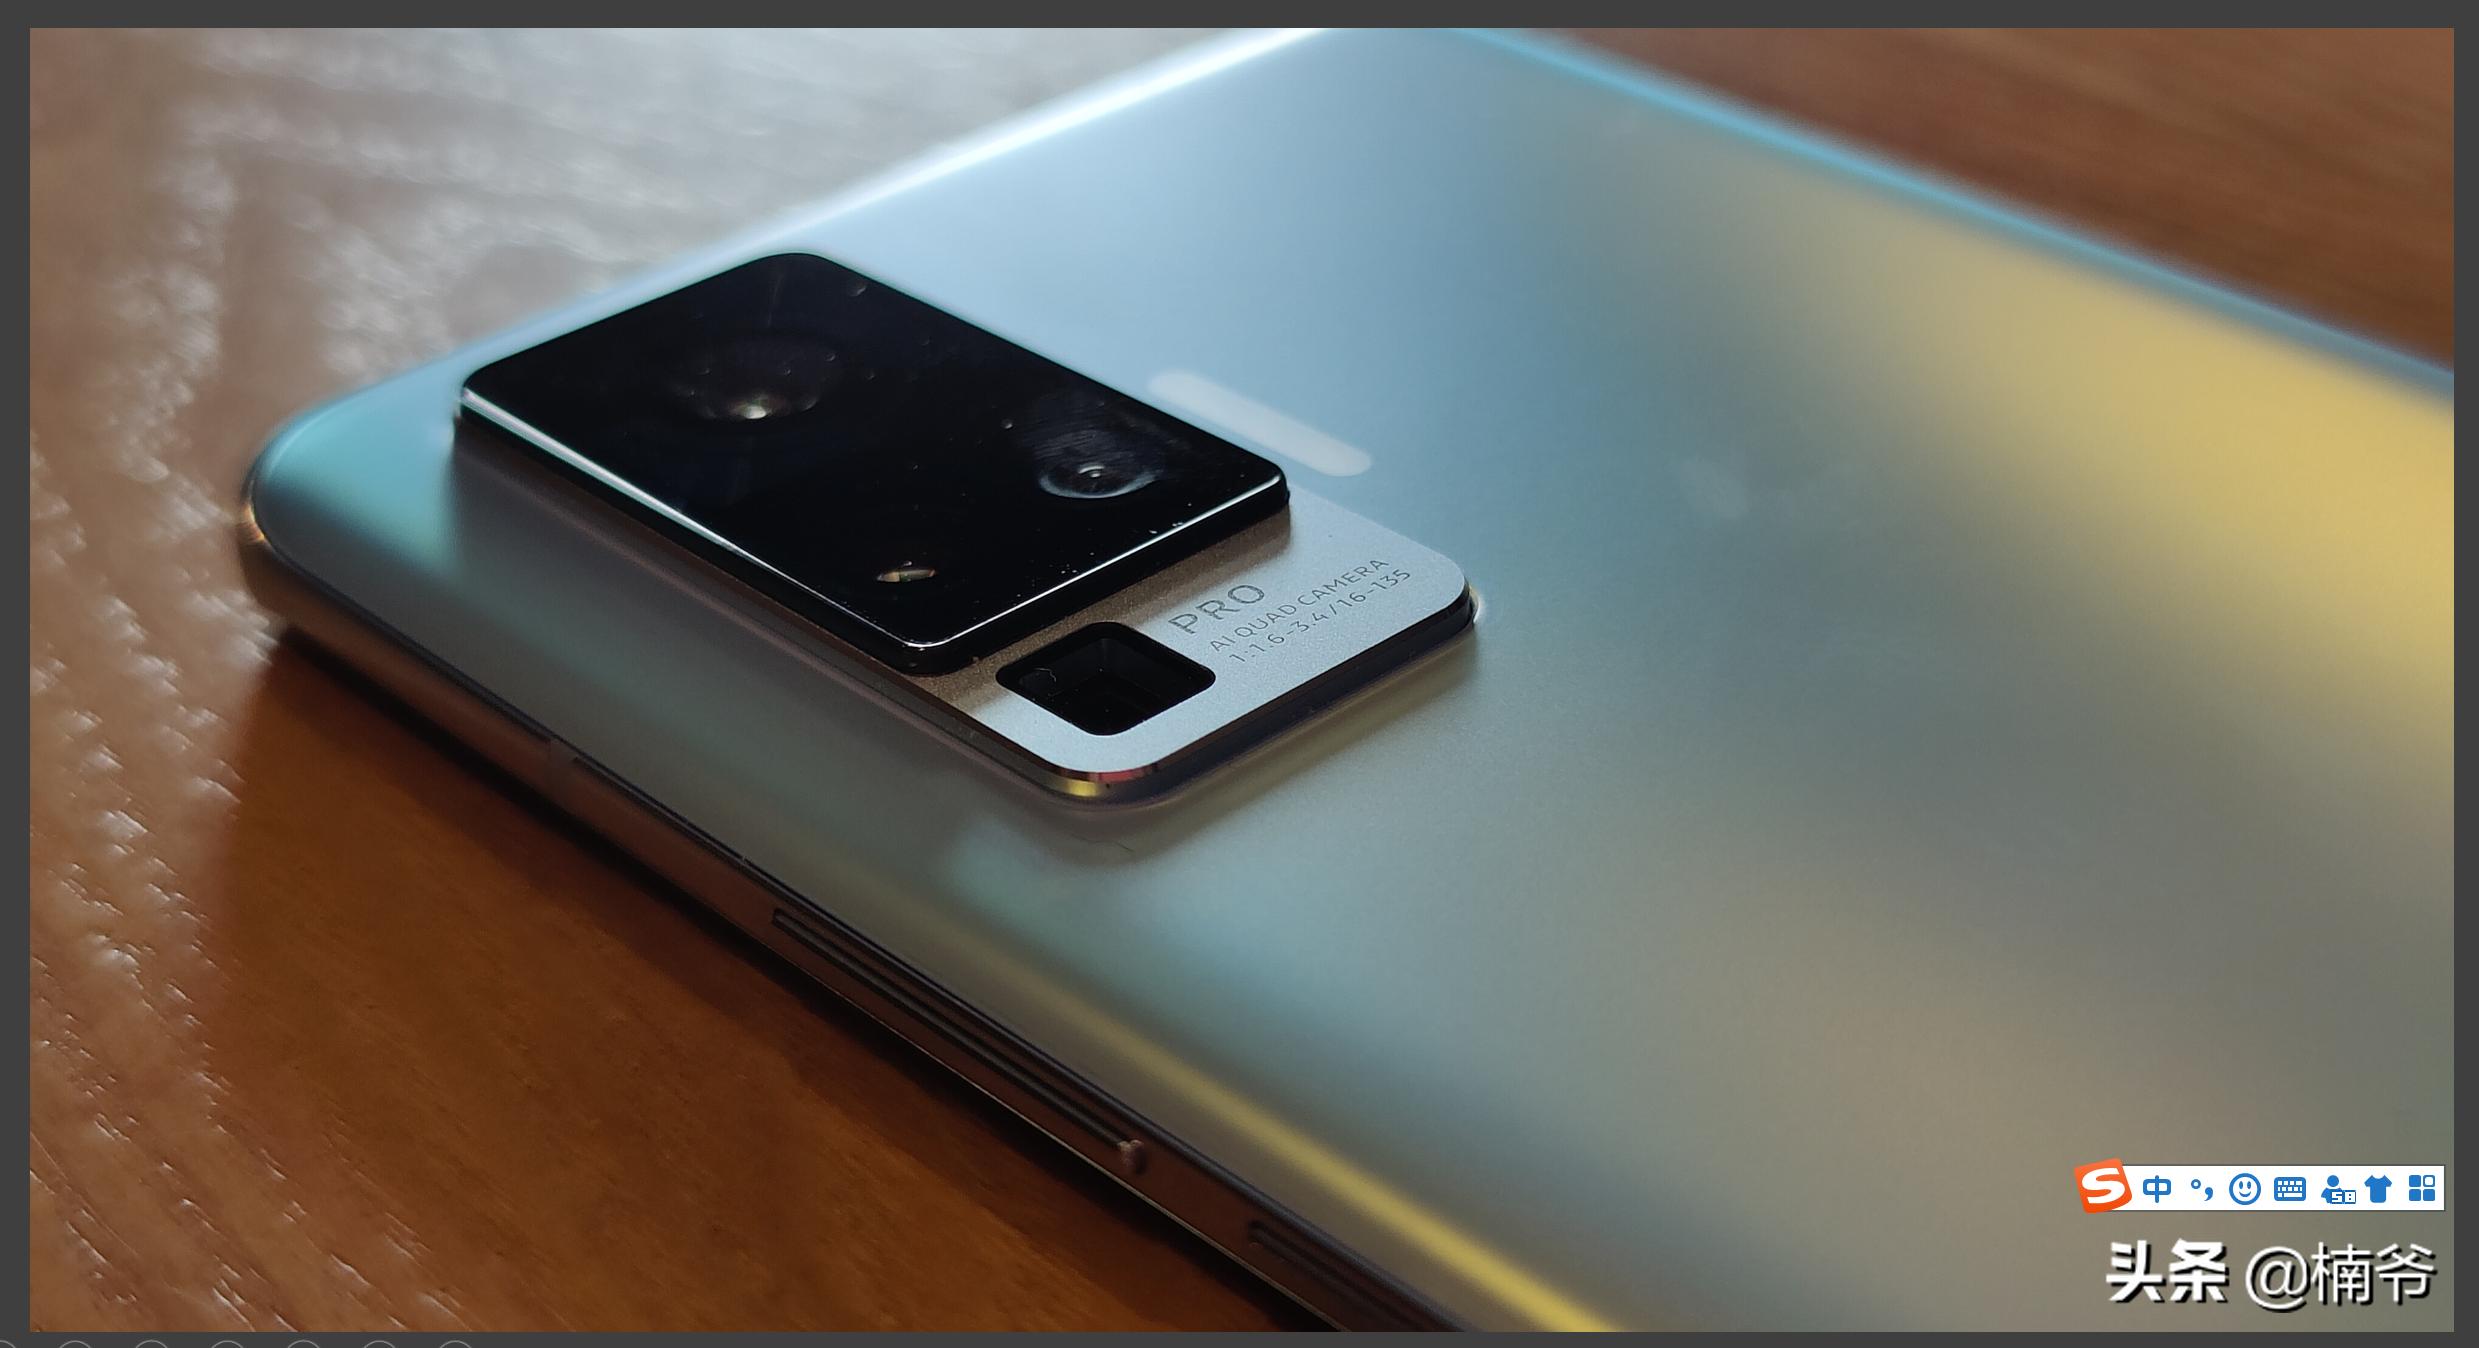 云台防抖当真天下无敌?vivo X50 Pro微云台手机头条数码首发评测